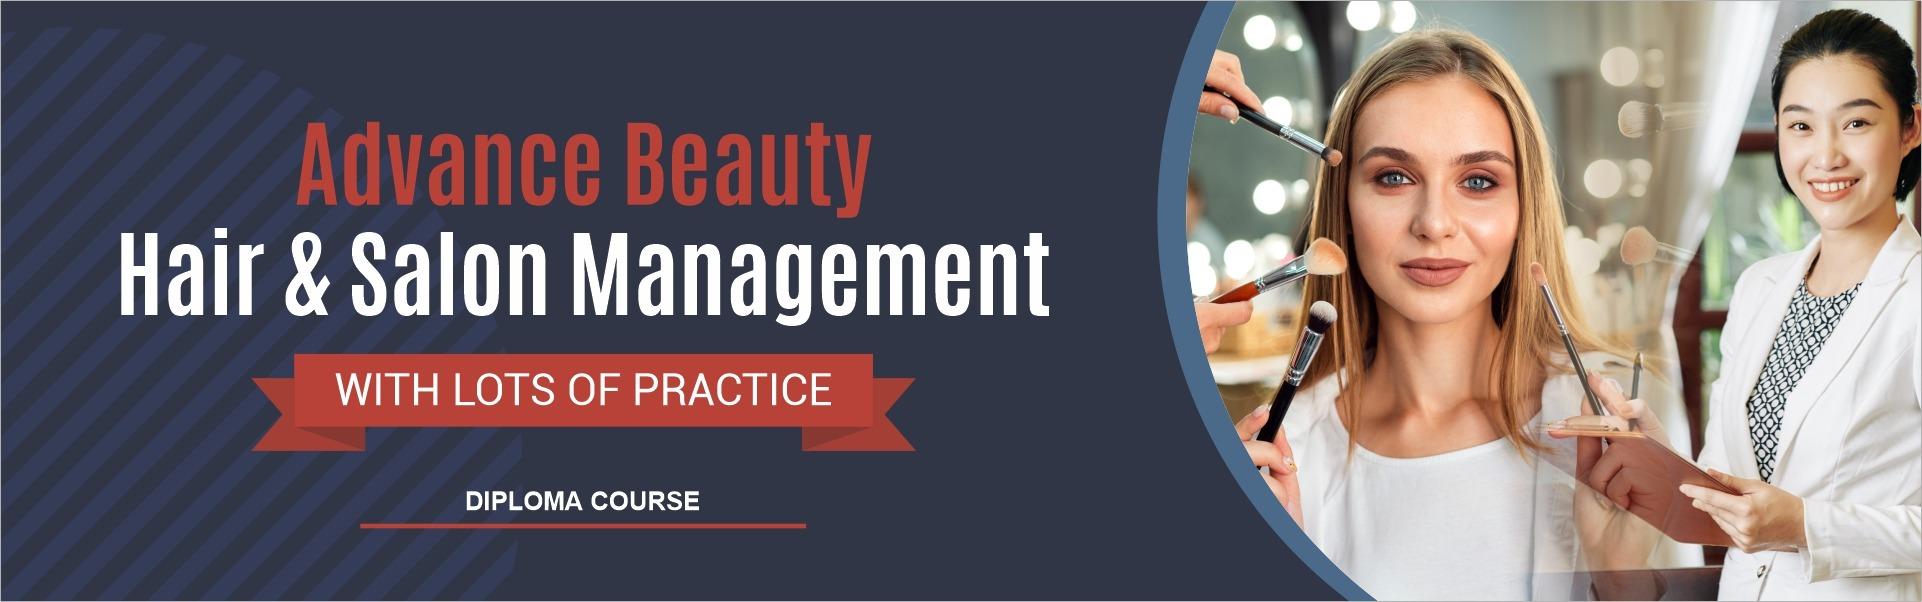 Advance Beauty Hair & Salon Diploma Course